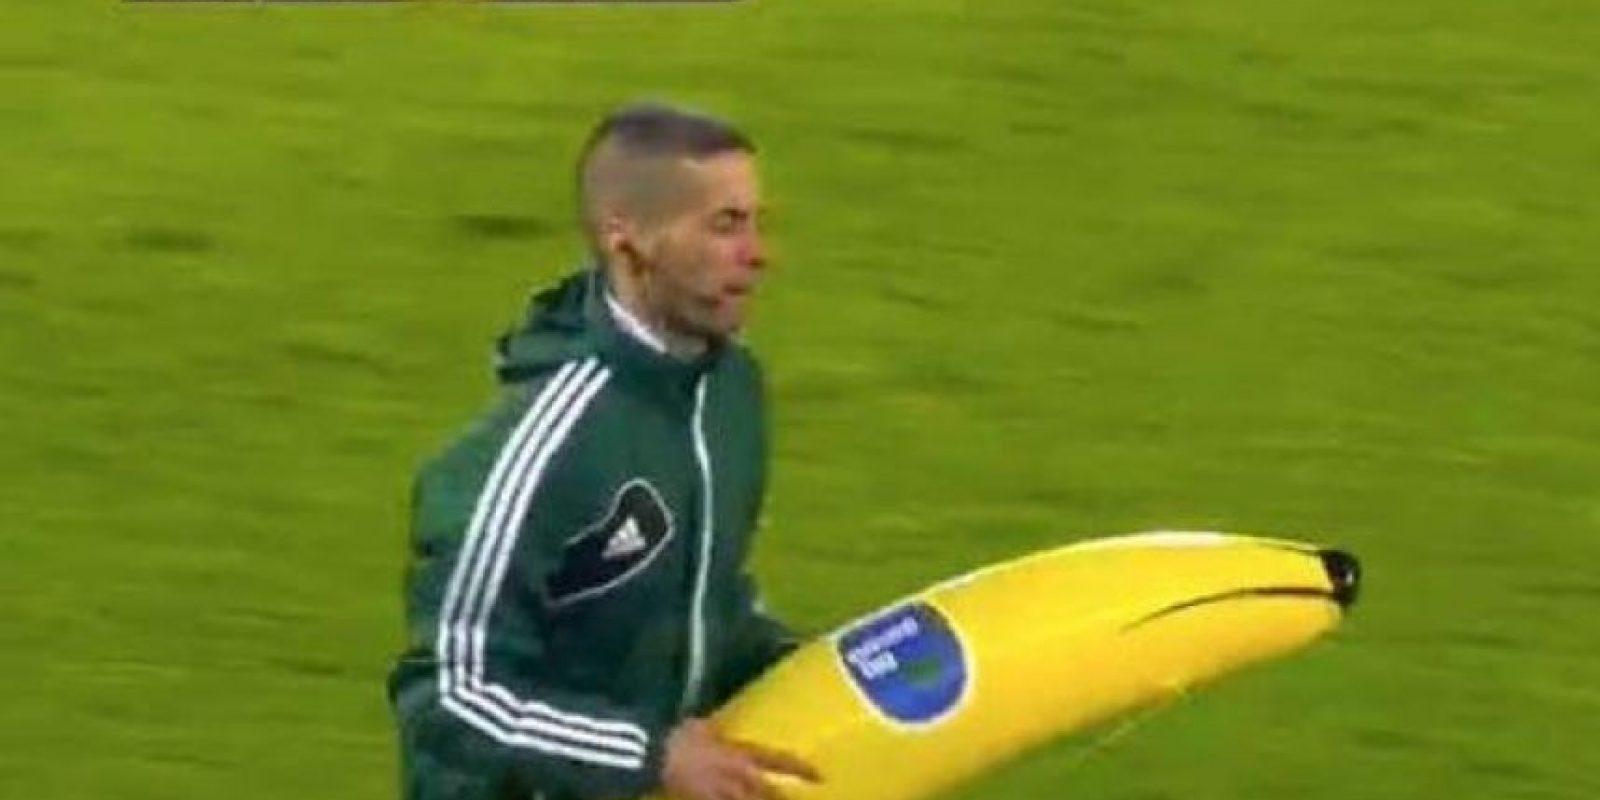 Un plátano gigante cayó al césped Foto:Twitter